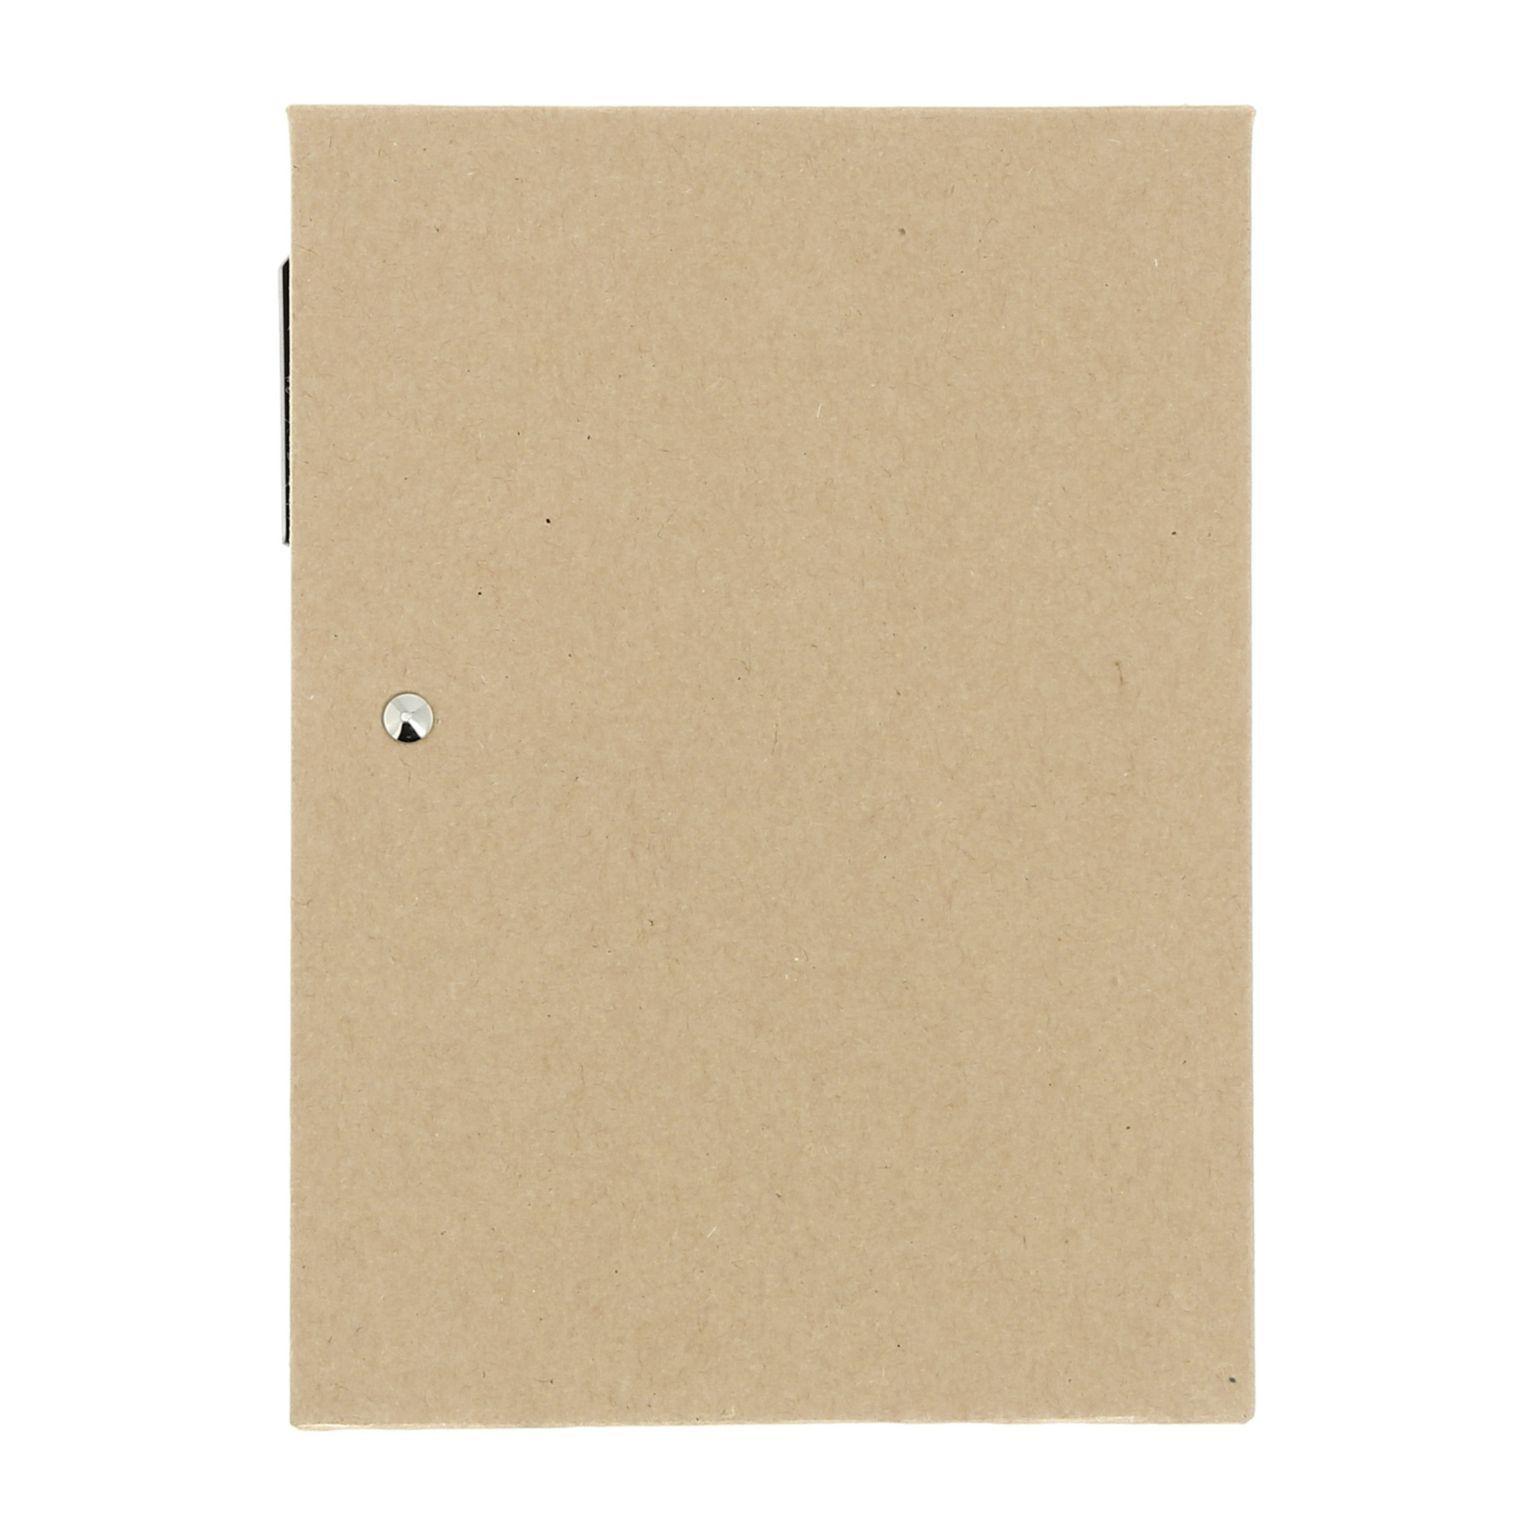 Carnet feuilles + marque-pages adhésifs et stylo bille - Y1806-003-id1023